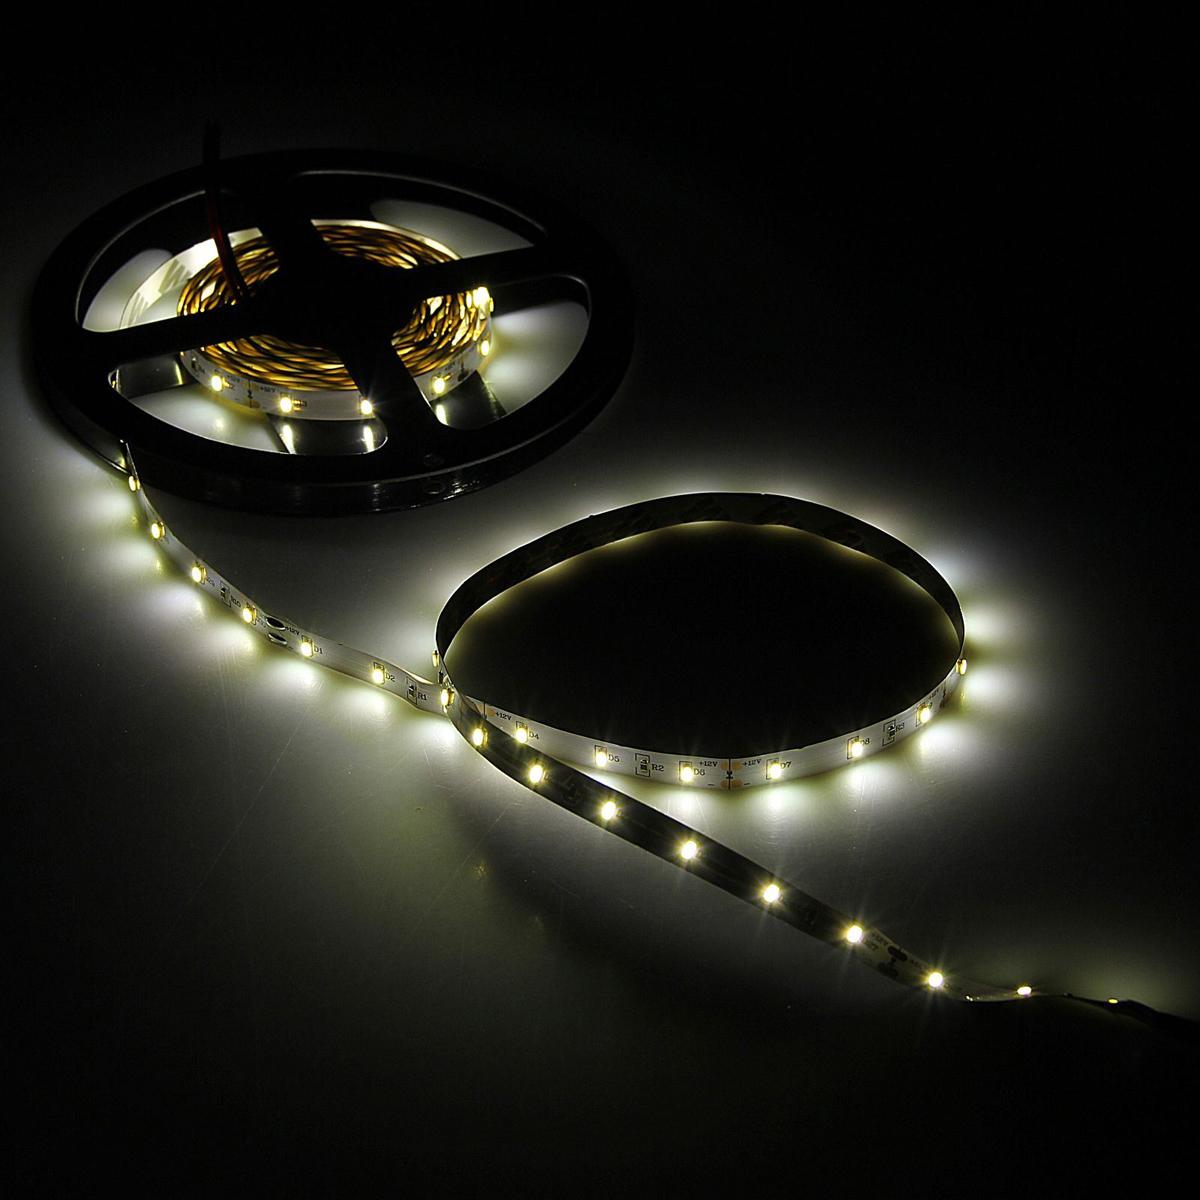 Светодиодная лента Volpe, SMD3014, длина 5 м, IP20, 60 LED ламп, 4.8 W/m, WW1801762Светодиодные гирлянды, ленты и т.д — это отличный вариант для новогоднего оформления интерьера или фасада. С их помощью помещение любого размера можно превратить в праздничный зал, а внешние элементы зданий, украшенные ими, мгновенно станут напоминать очертания сказочного дворца. Такие украшения создают ауру предвкушения чуда. Деревья, фасады, витрины, окна и арки будто специально созданы, чтобы вы украсили их светящимися нитями.